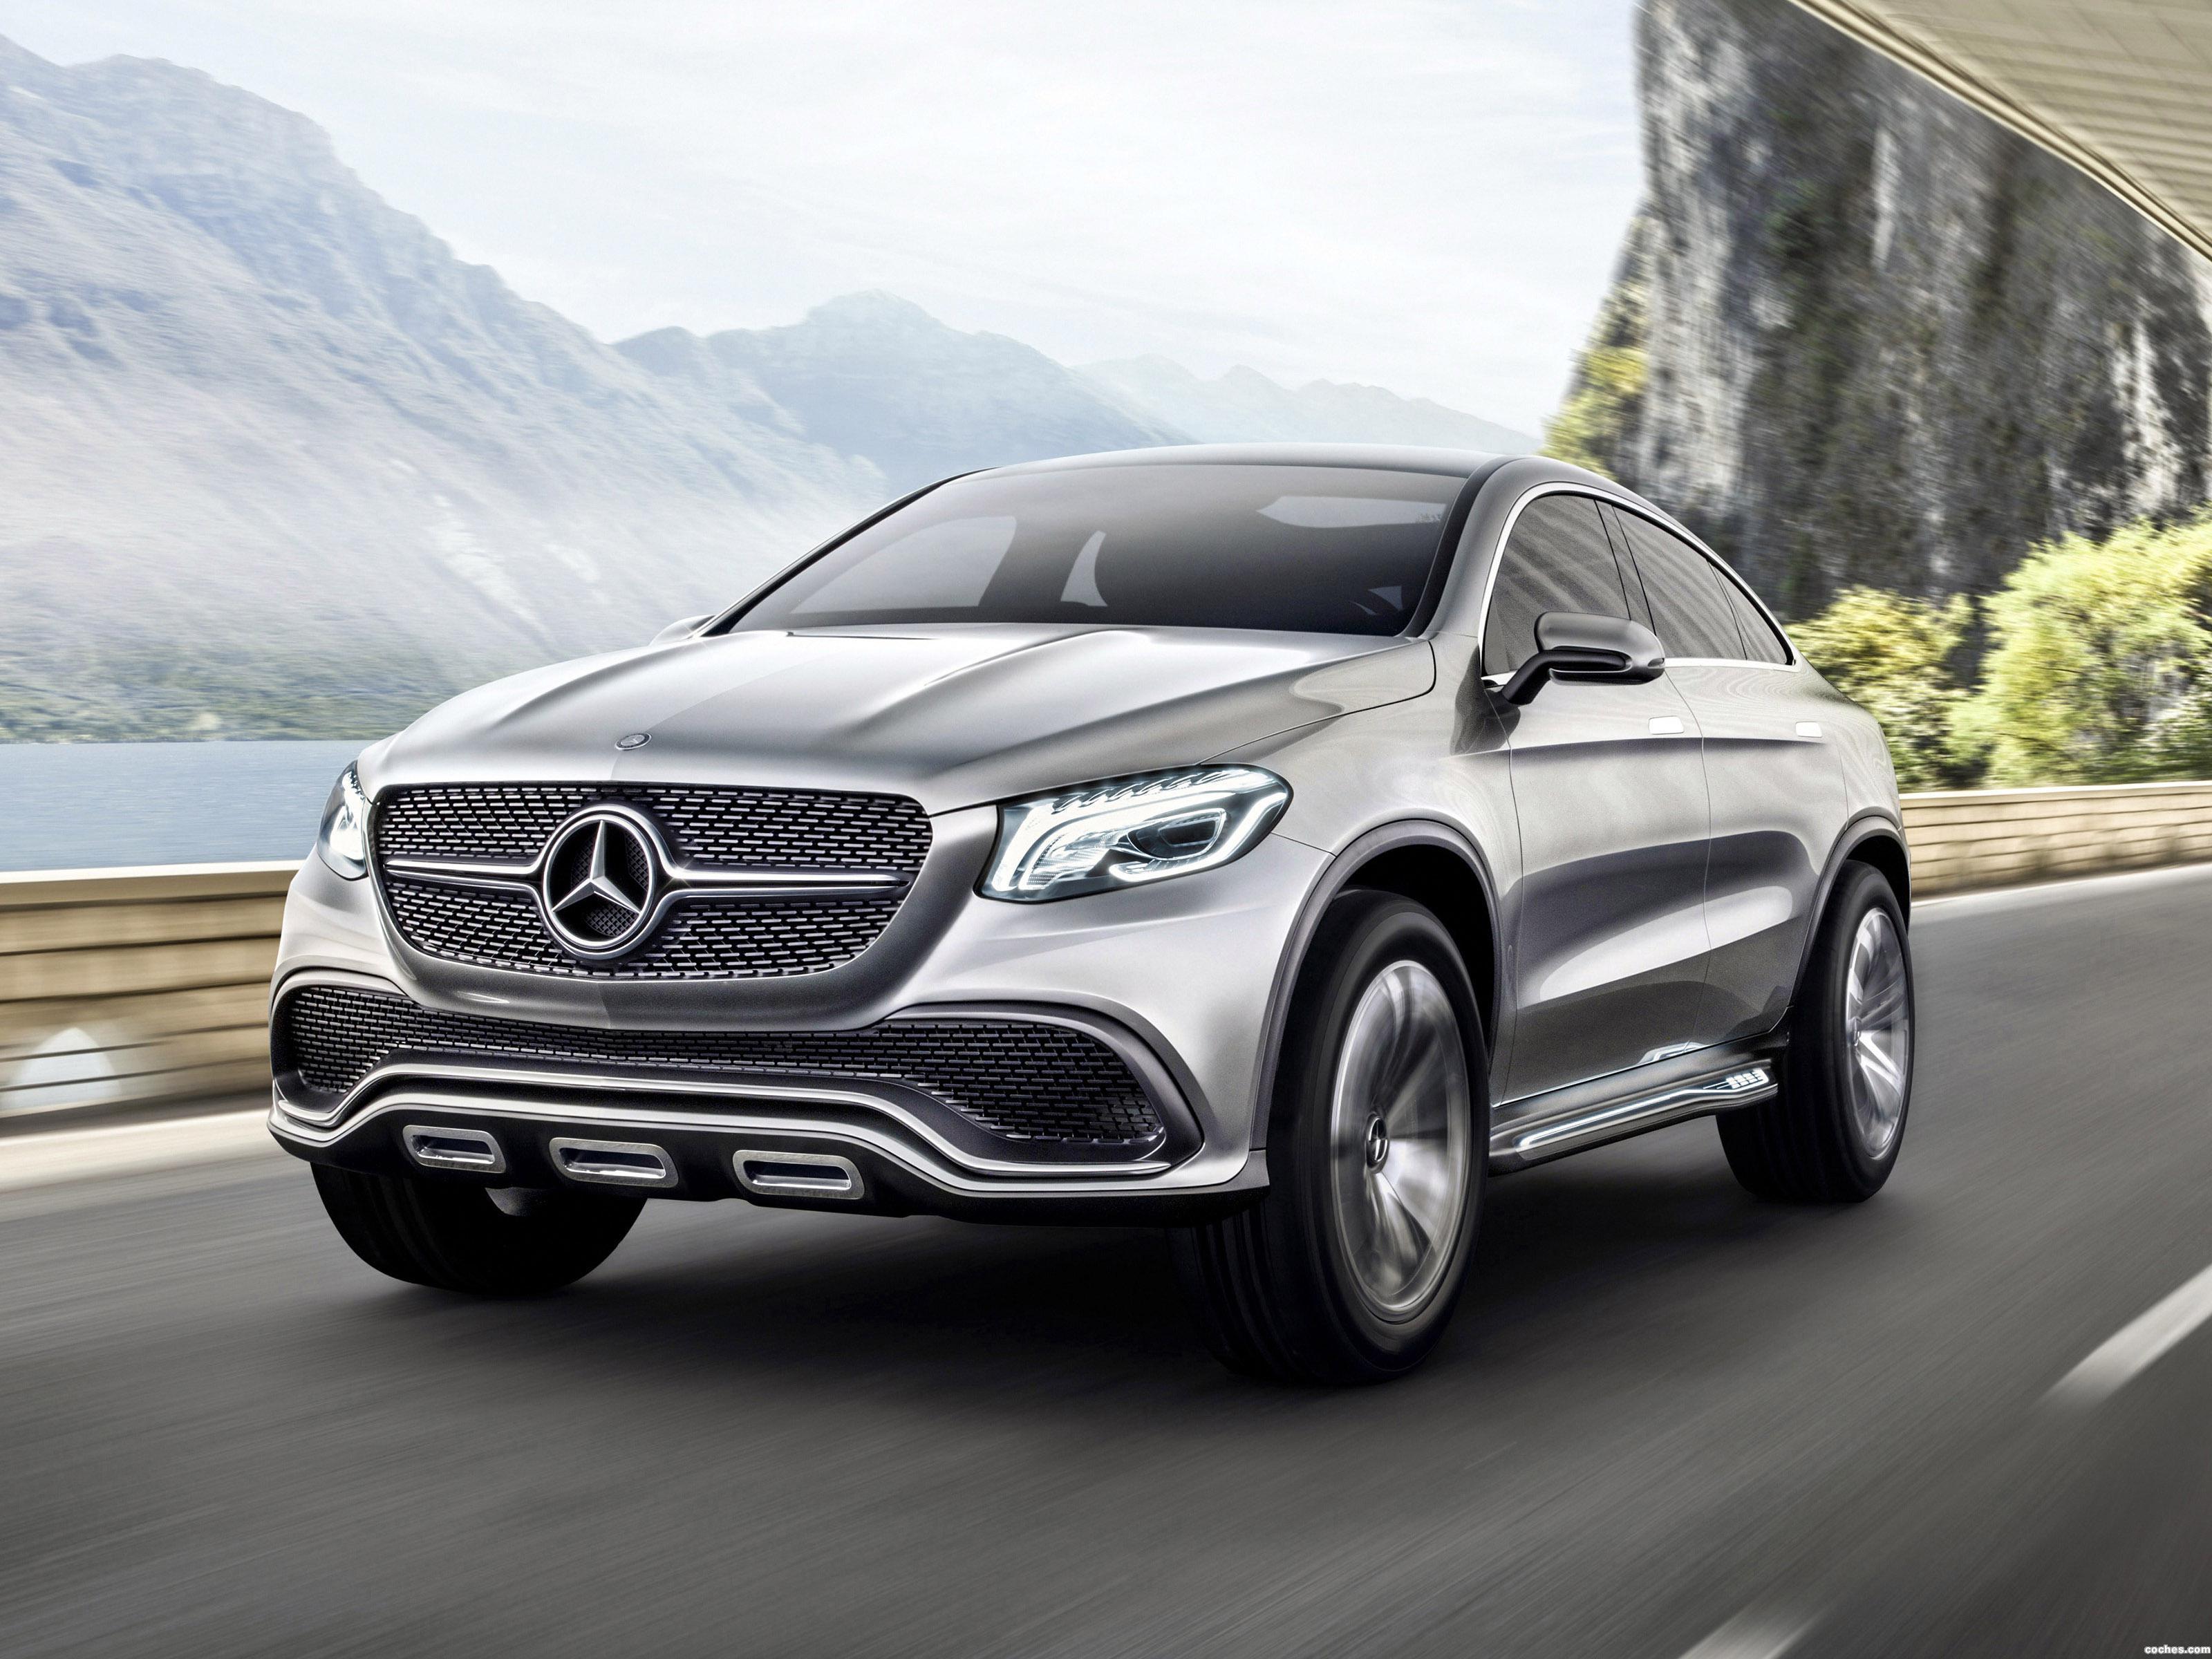 Foto 0 de Mercedes Concept Coupe SUV 2014